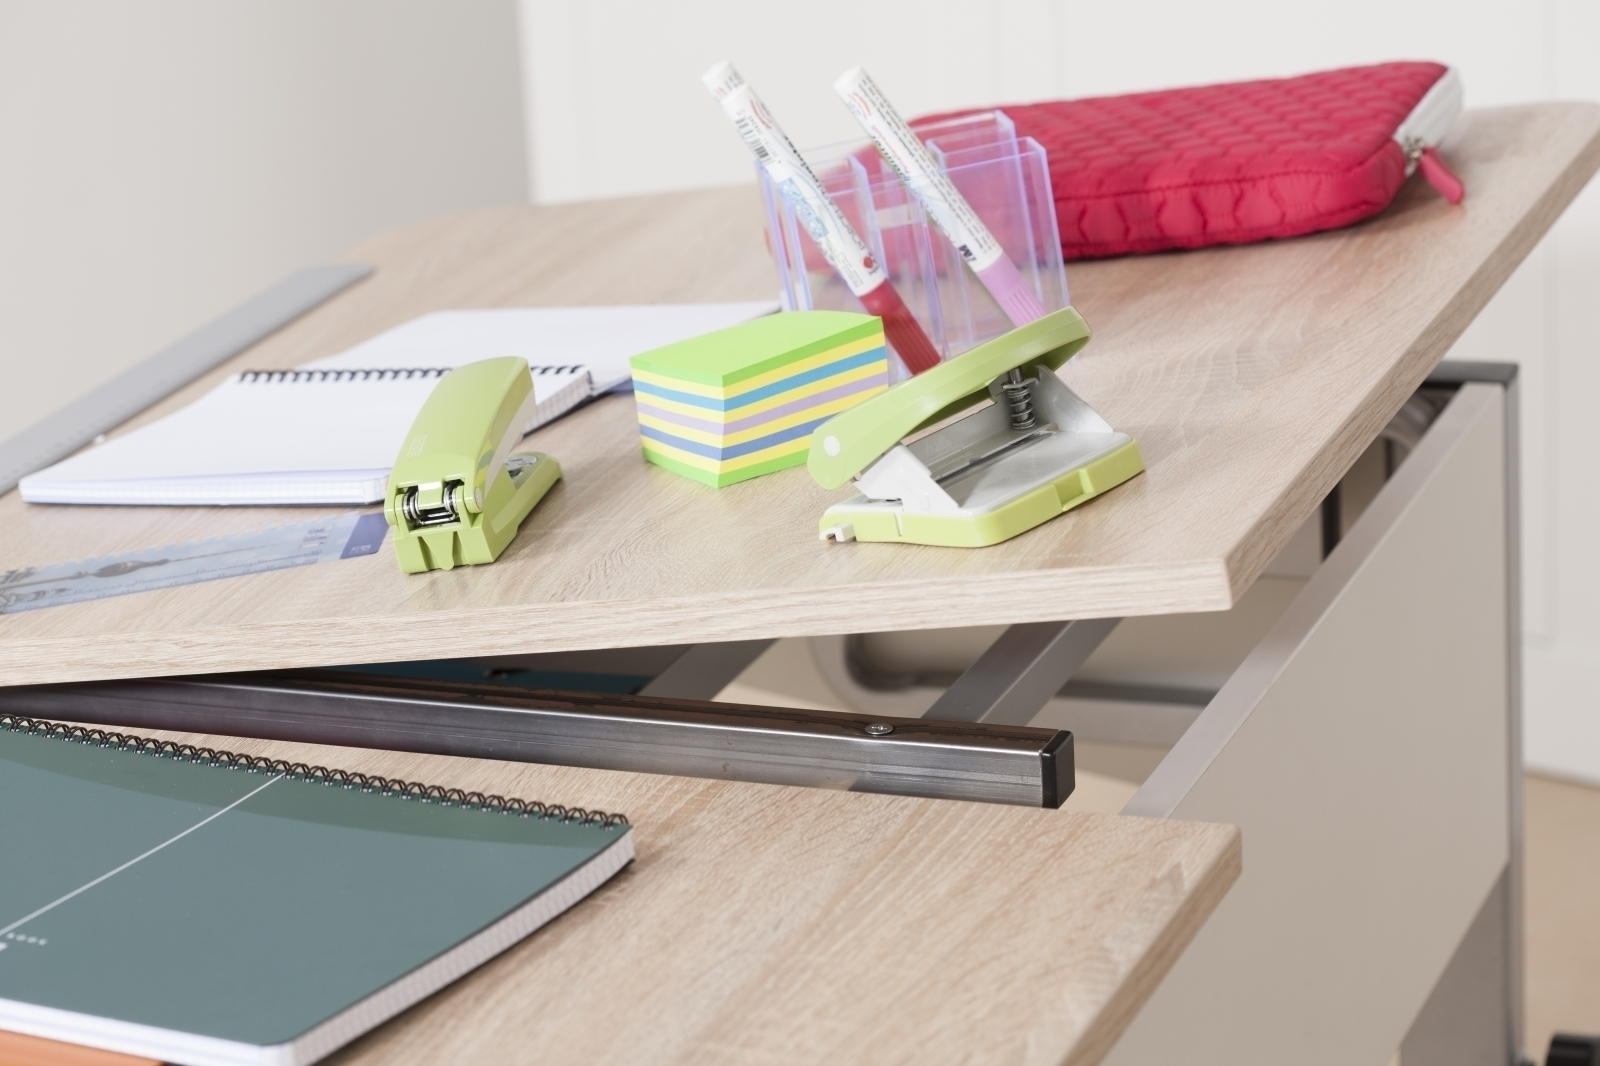 Genial Coole Schreibtische Referenz Von Kettler Schreibtisch Ii - Weiß /silber